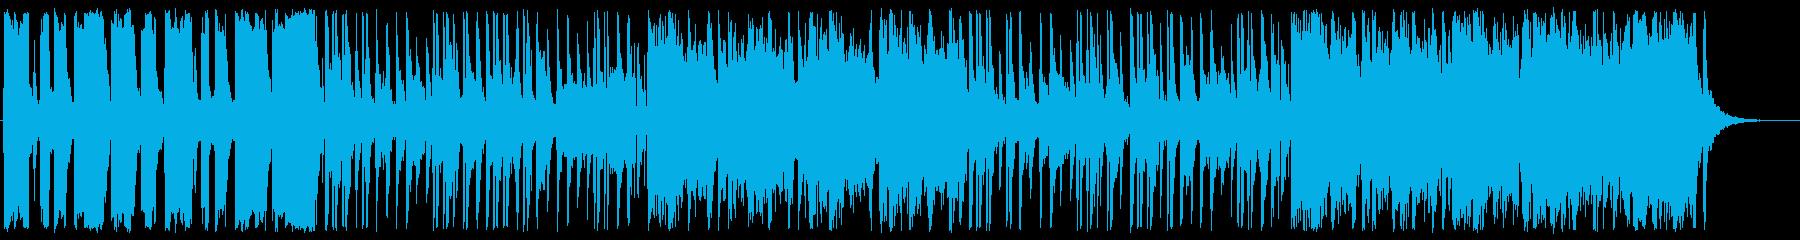 ほのぼのと明るいゆっくりしたテンポの曲の再生済みの波形